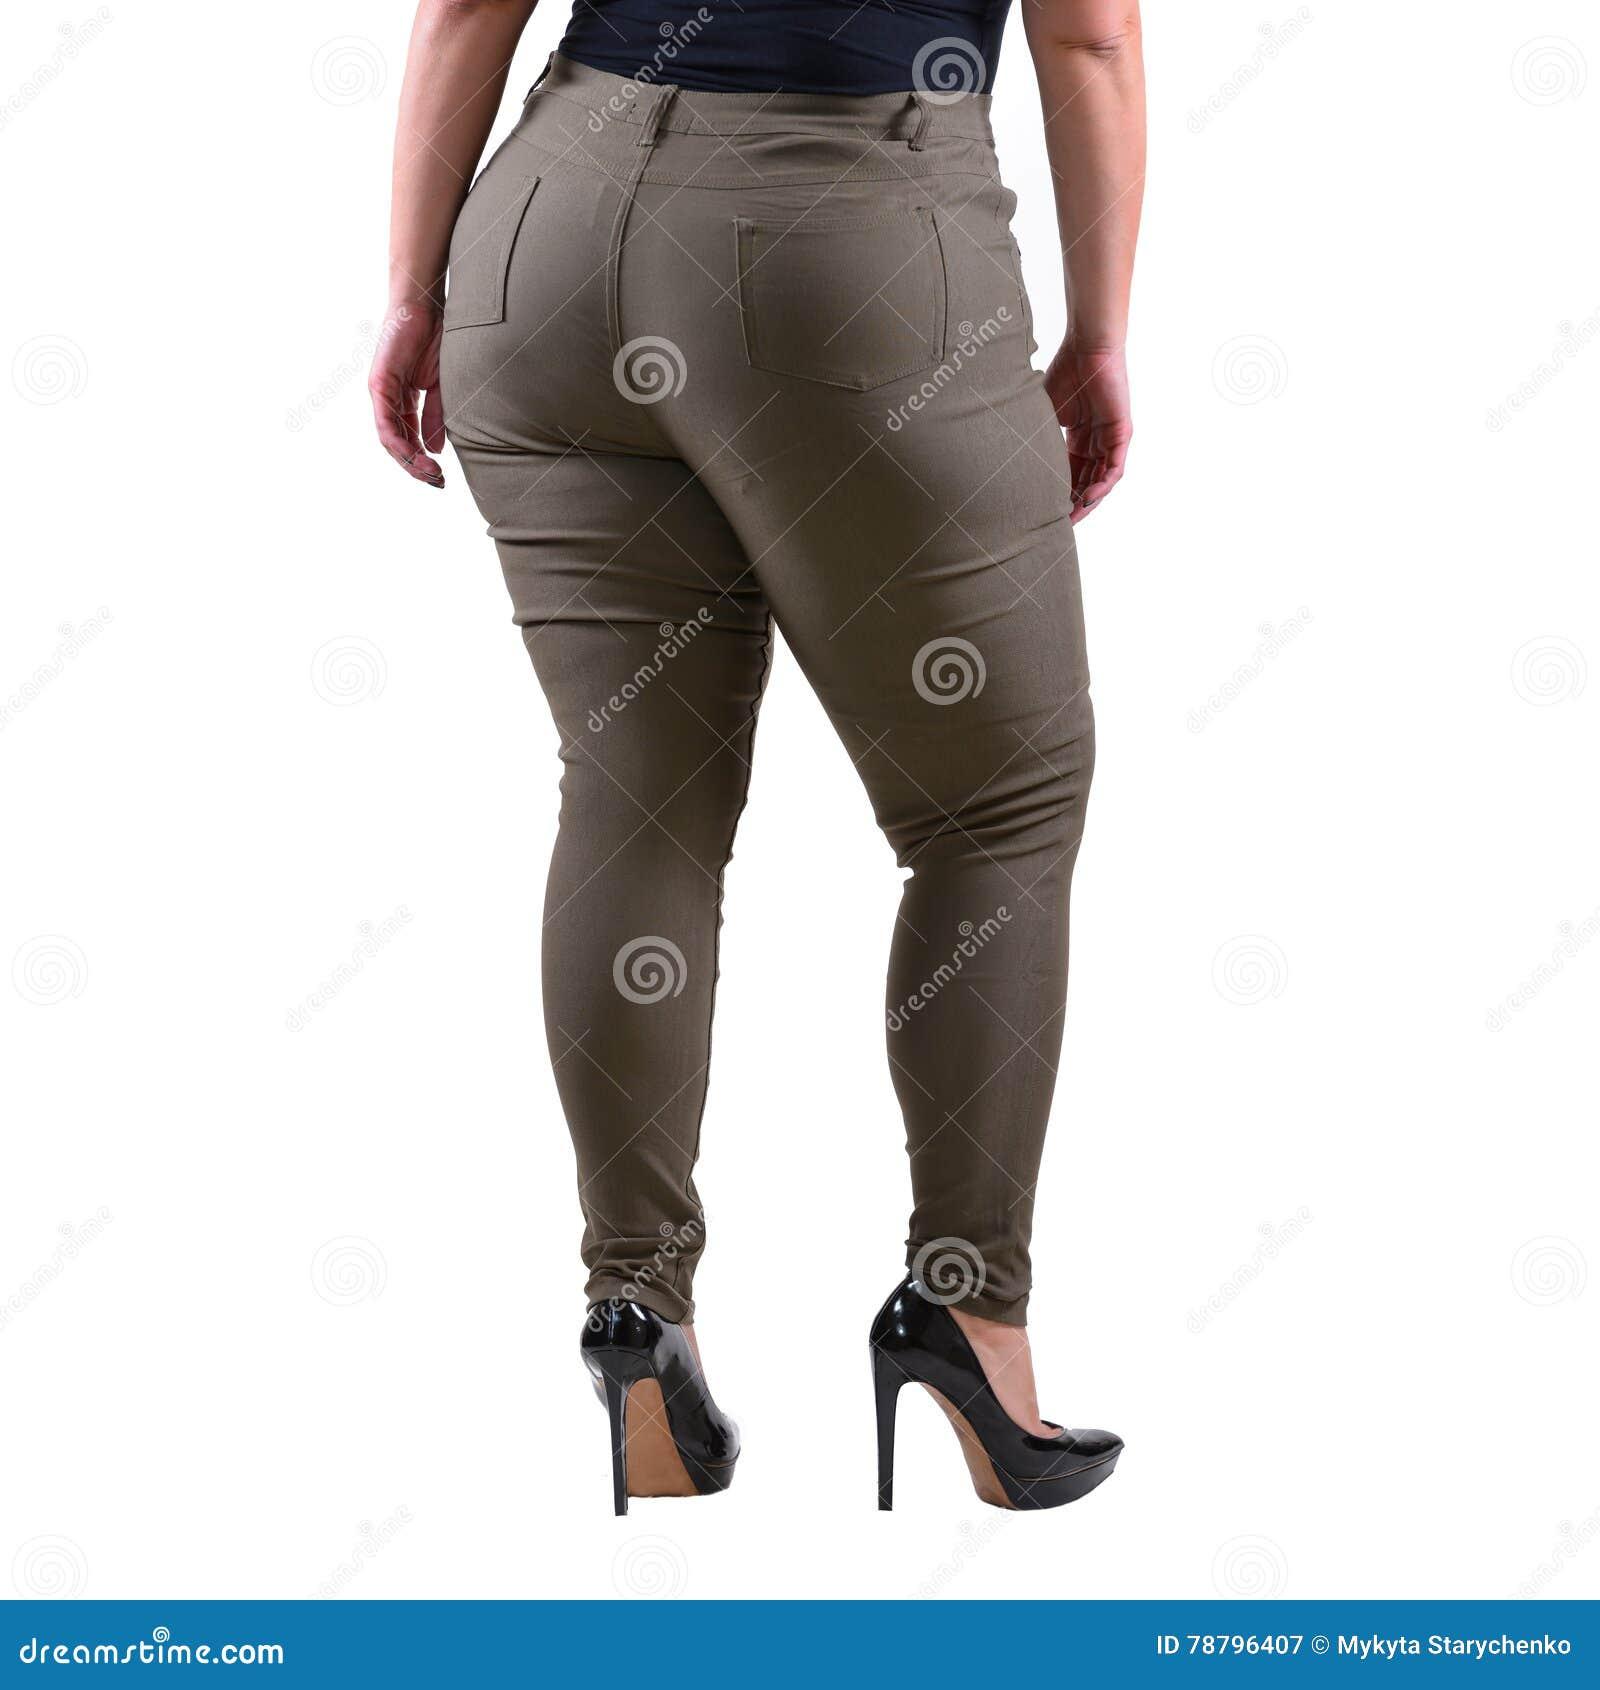 Pantaloni Usura Più Del Modello Xxl Classici Femminili Di Grigi I7Ybf6gvy